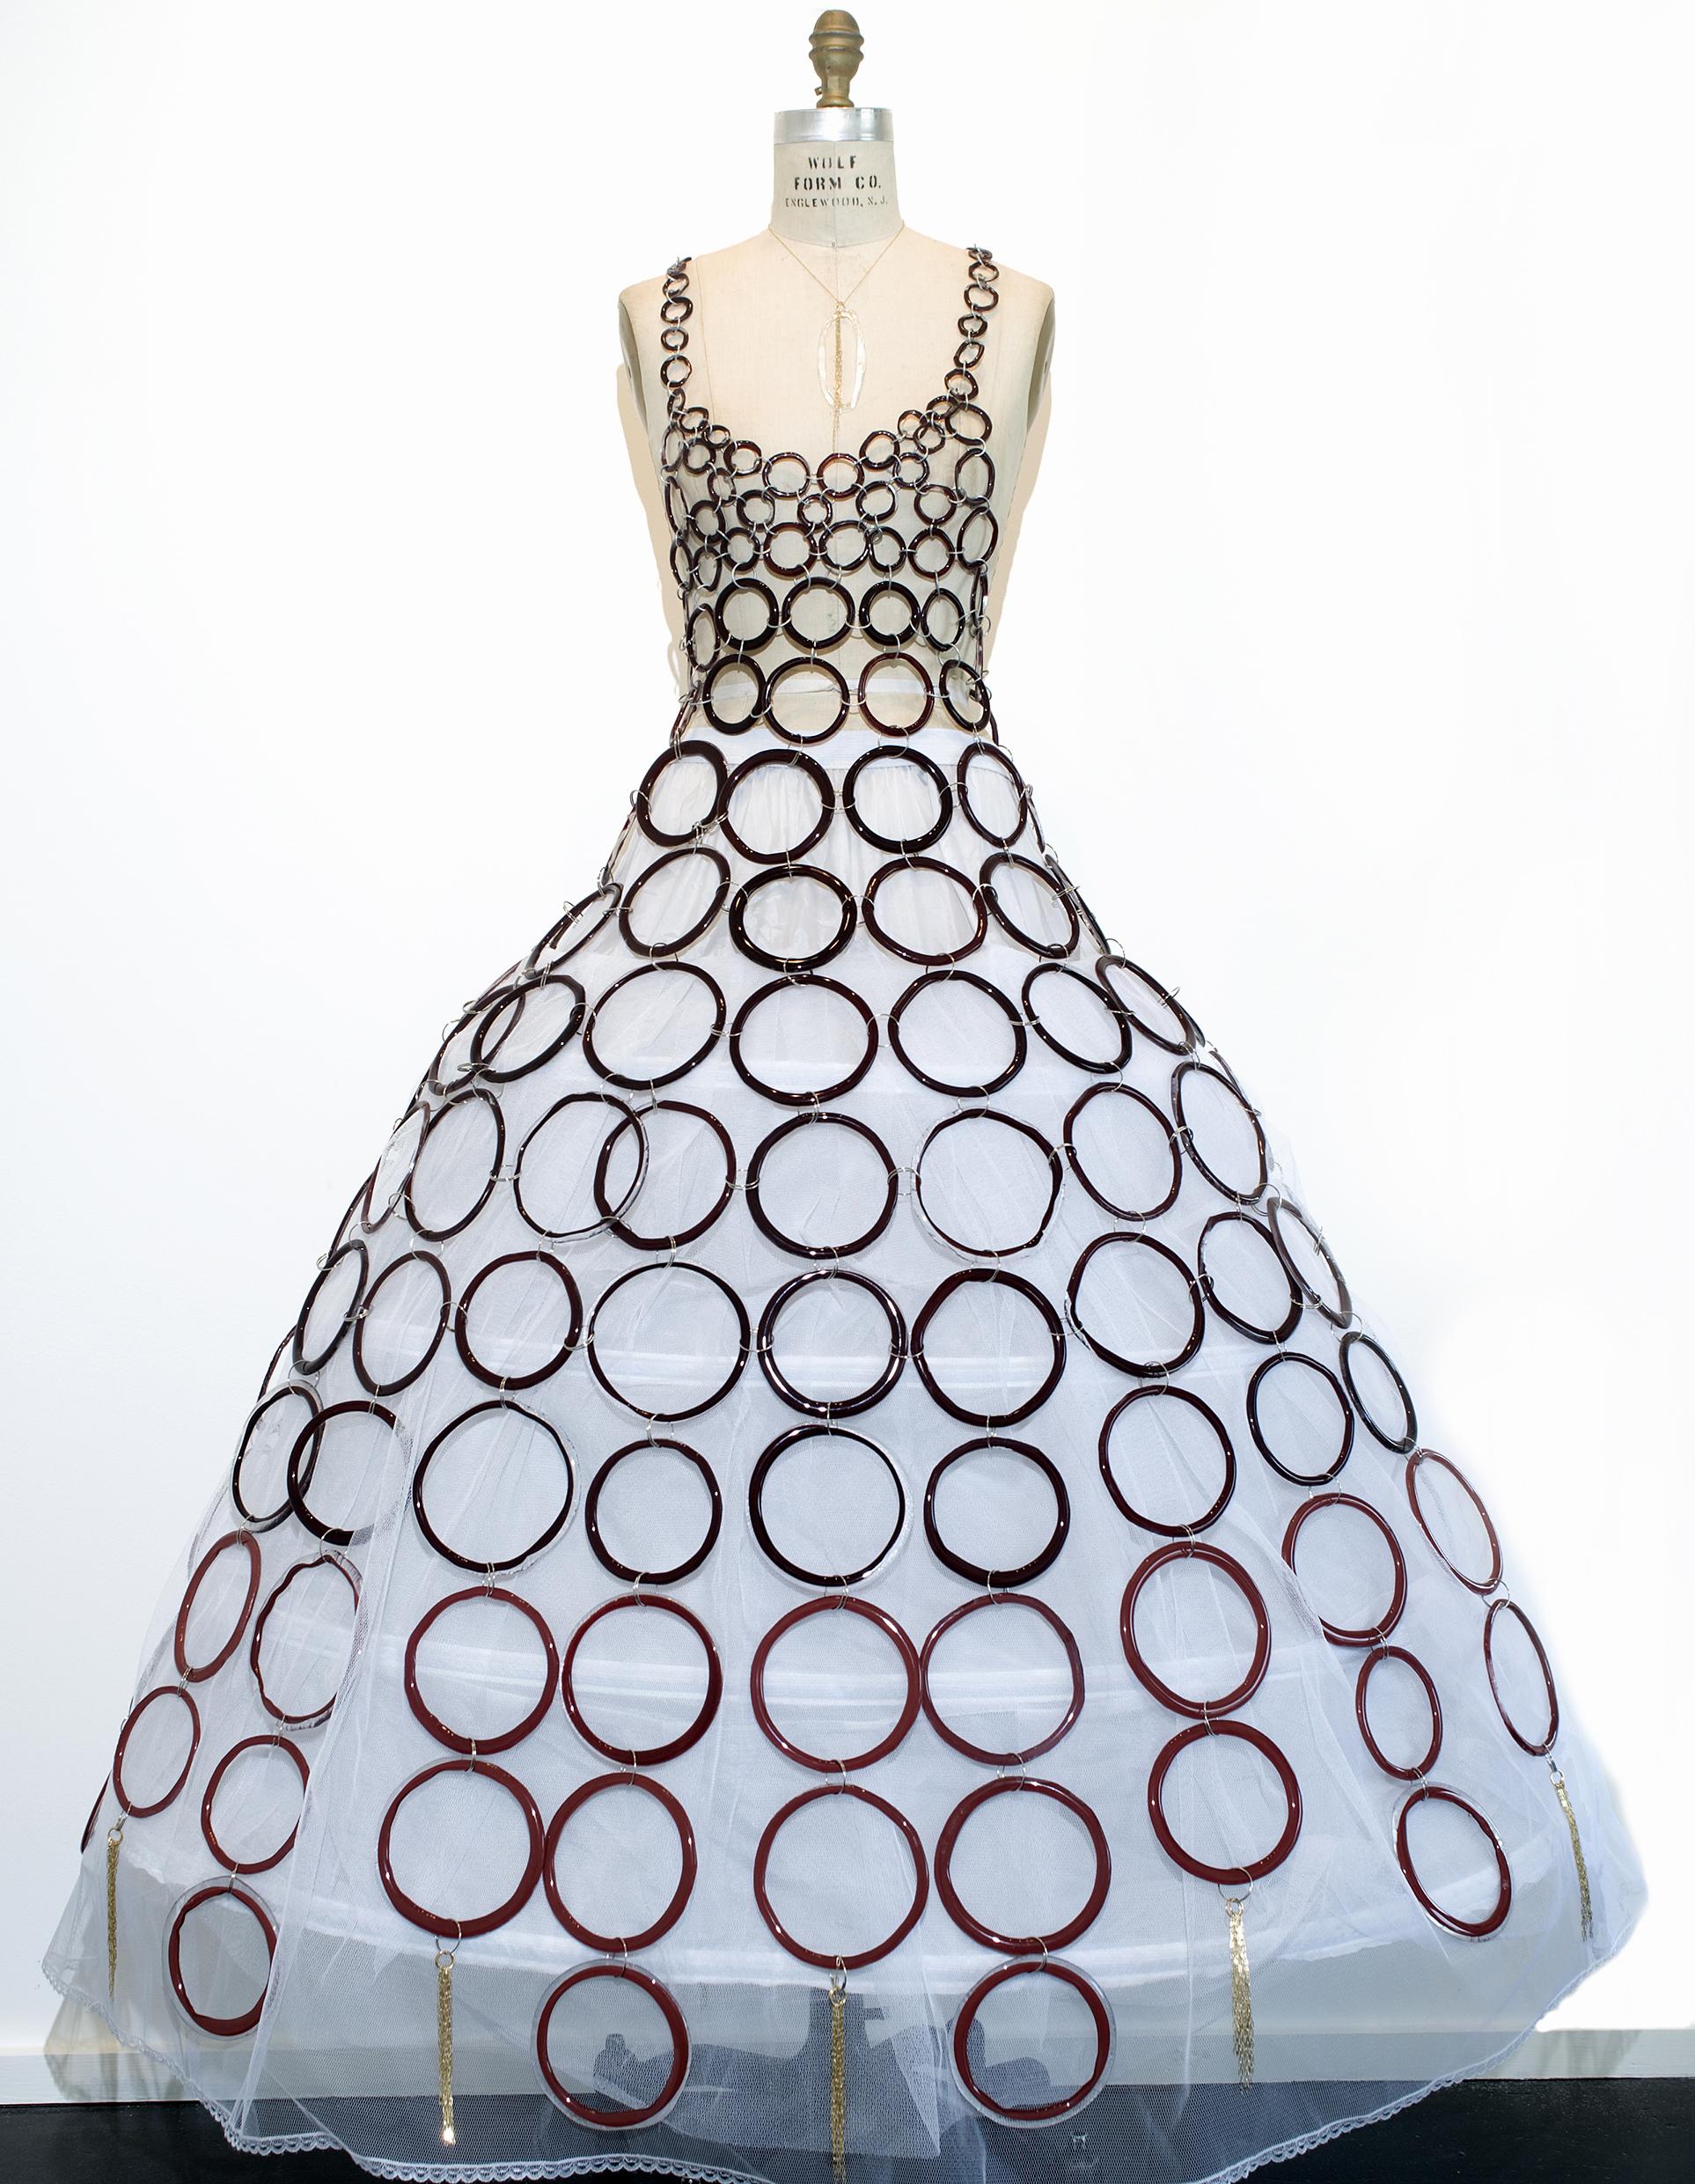 SCULPTURAL GLASS DRESS